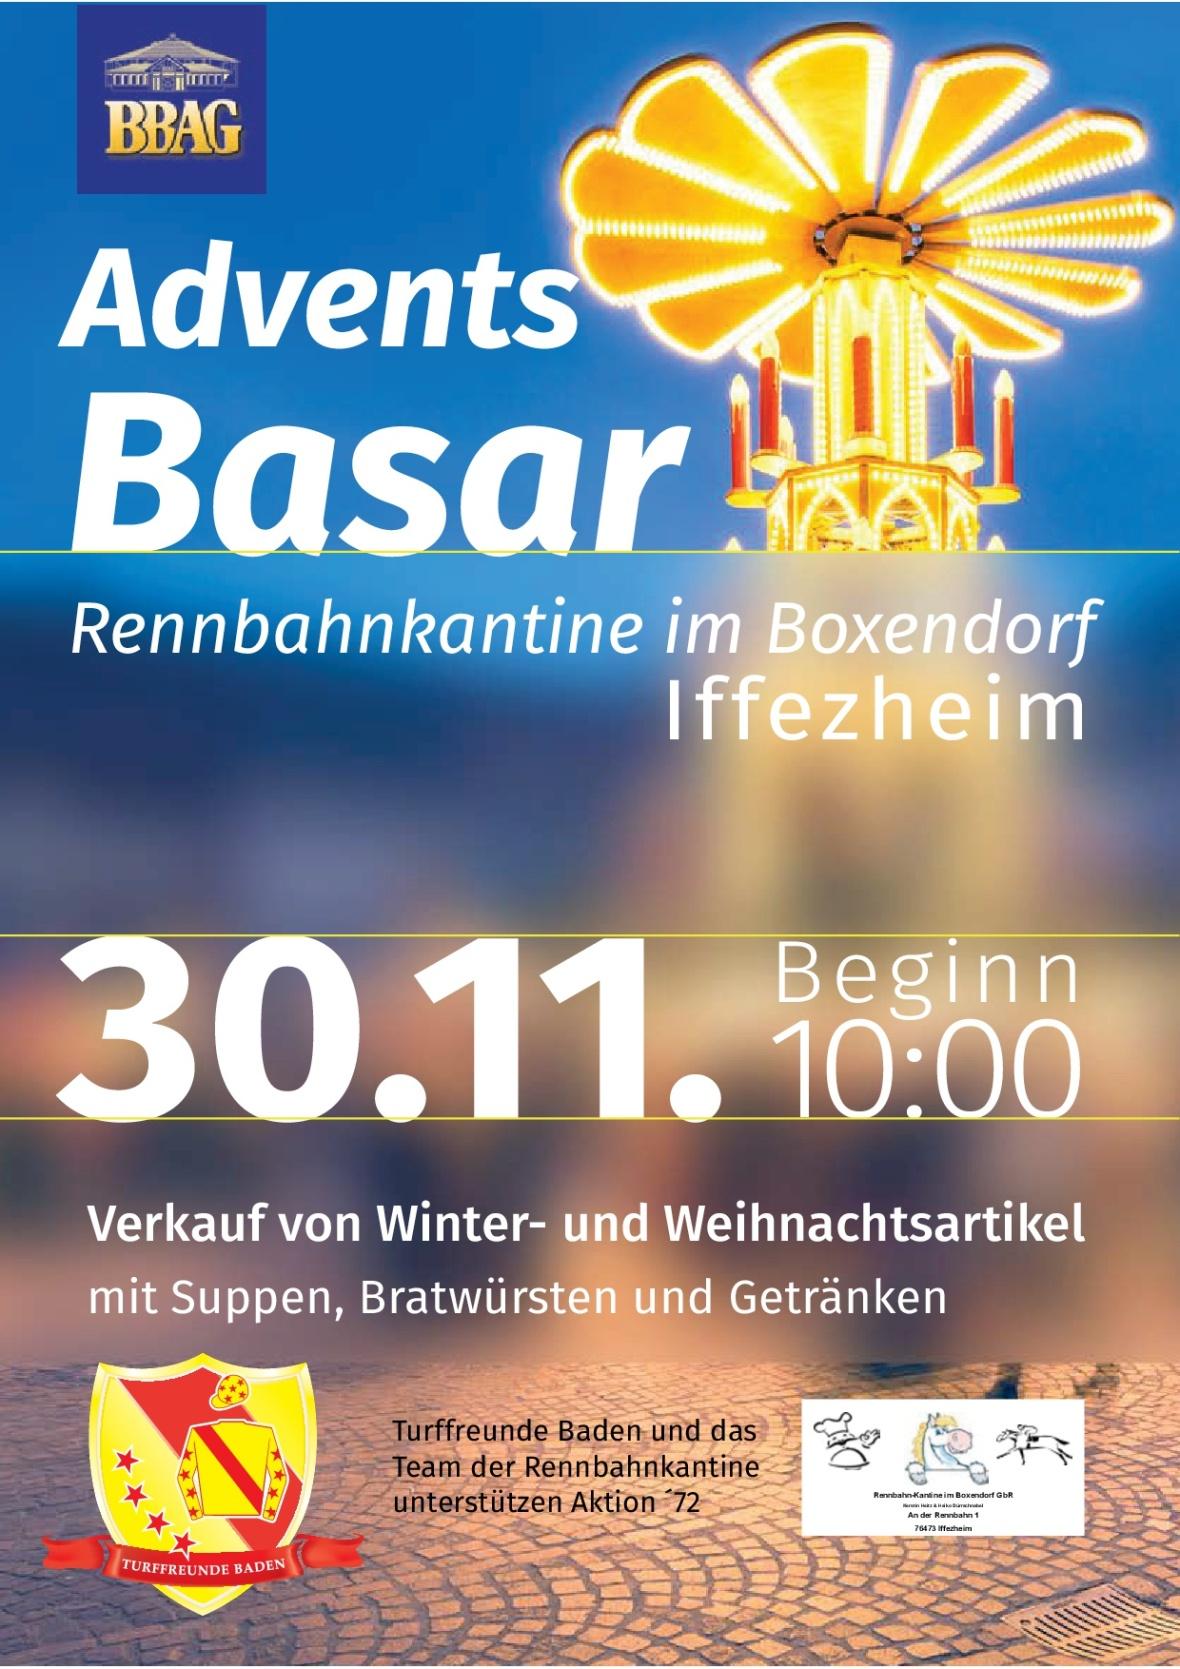 Plakat-A201911-X02-A4-1